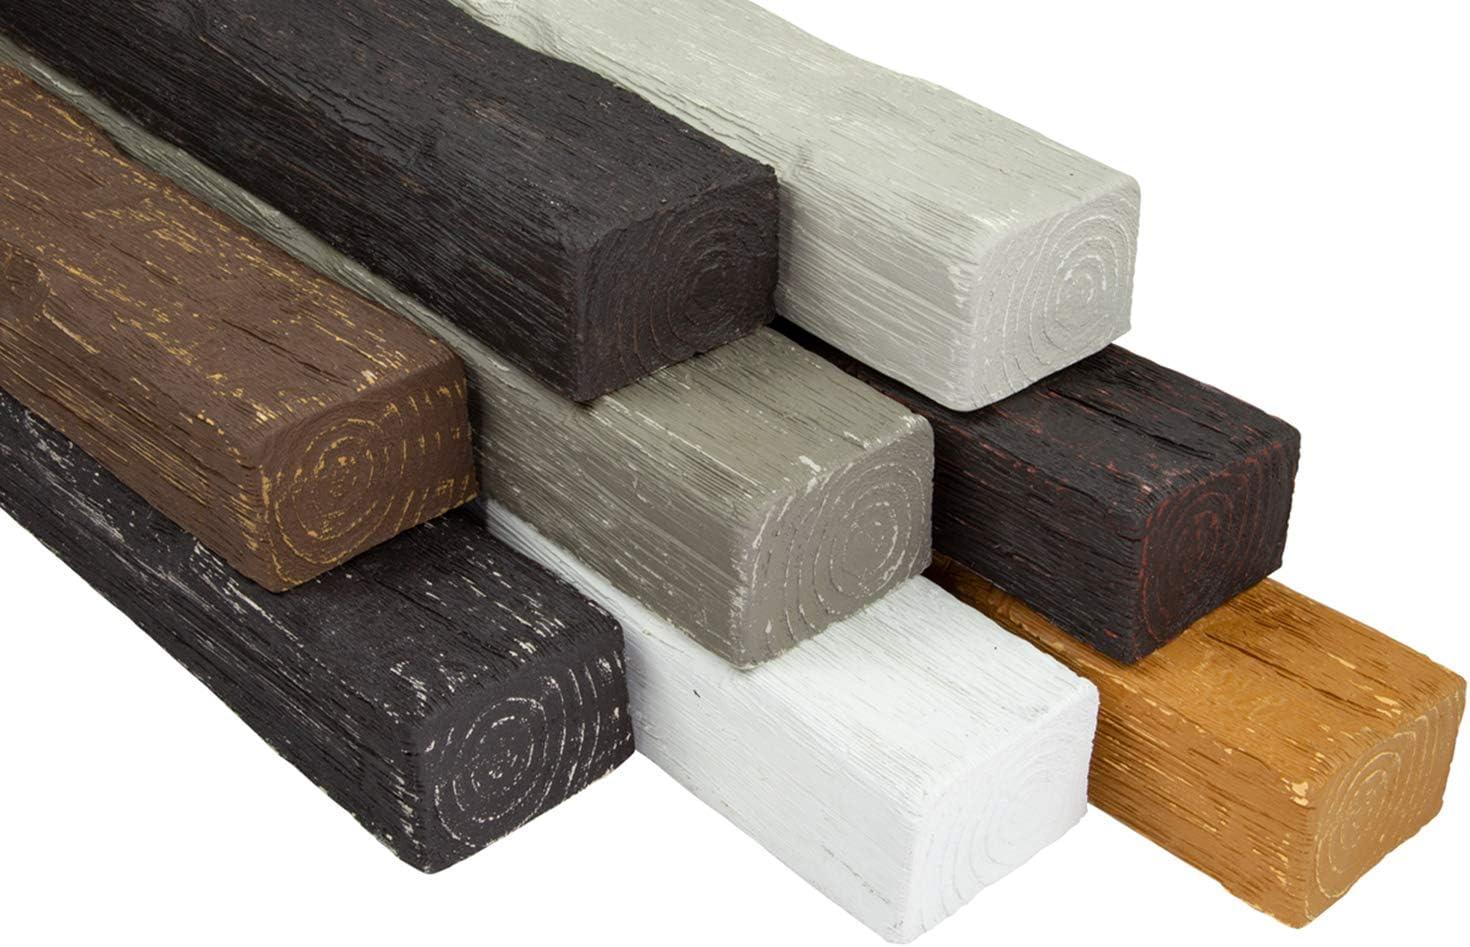 2 metros de barra de poliuretano de aspecto de madera Cosca de 90 x 60 mm DB90.: Amazon.es: Bricolaje y herramientas